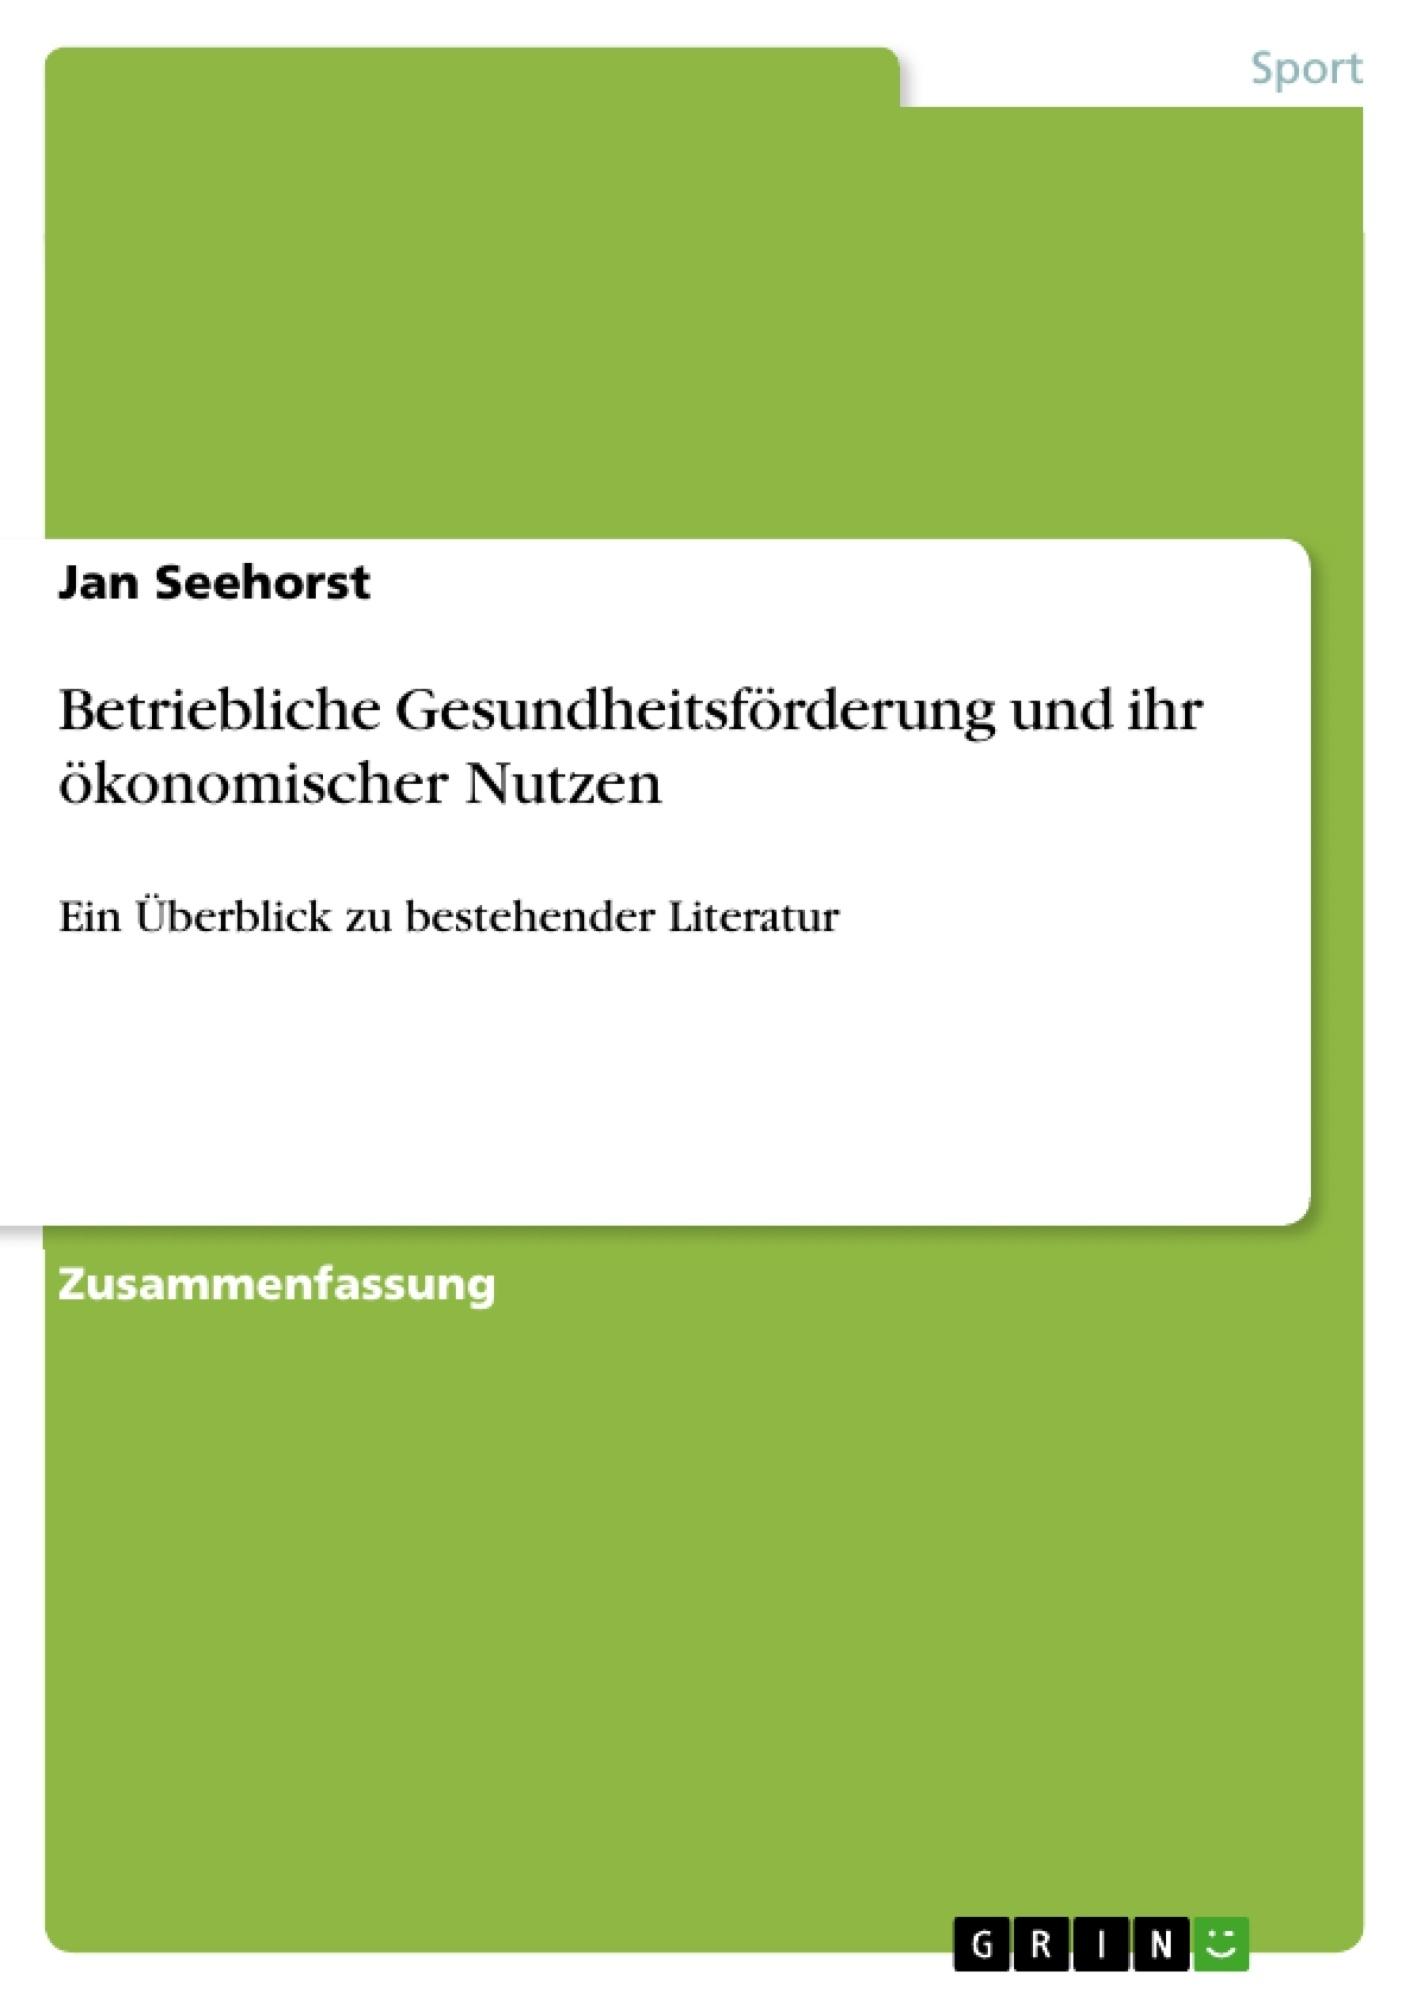 Titel: Betriebliche Gesundheitsförderung und ihr ökonomischer Nutzen